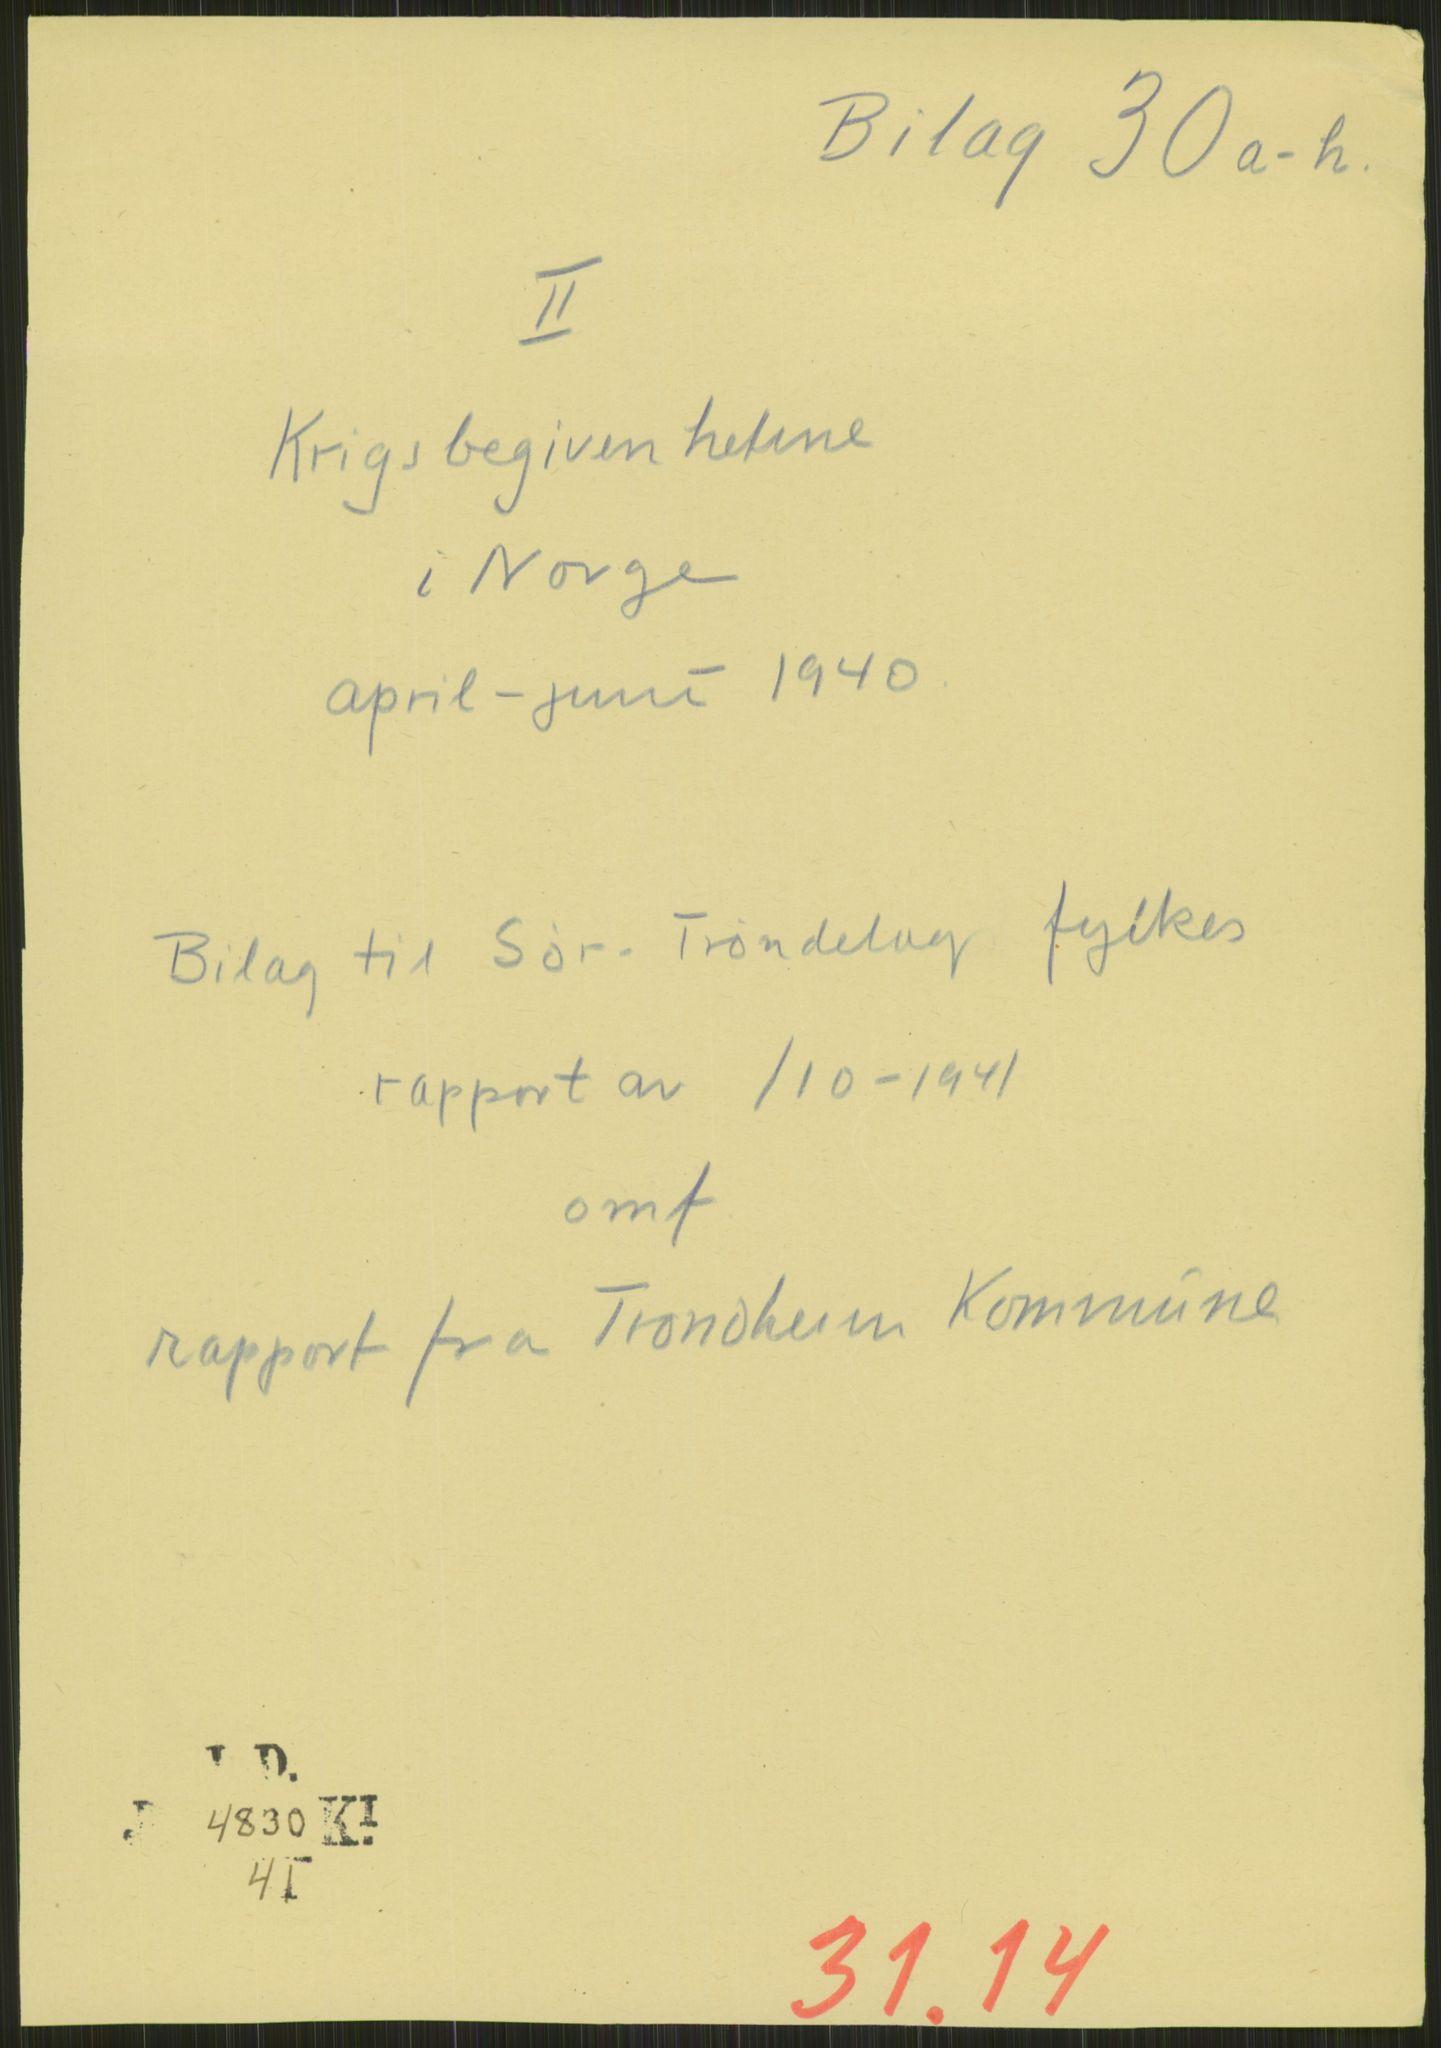 RA, Forsvaret, Forsvarets krigshistoriske avdeling, Y/Ya/L0016: II-C-11-31 - Fylkesmenn.  Rapporter om krigsbegivenhetene 1940., 1940, s. 219